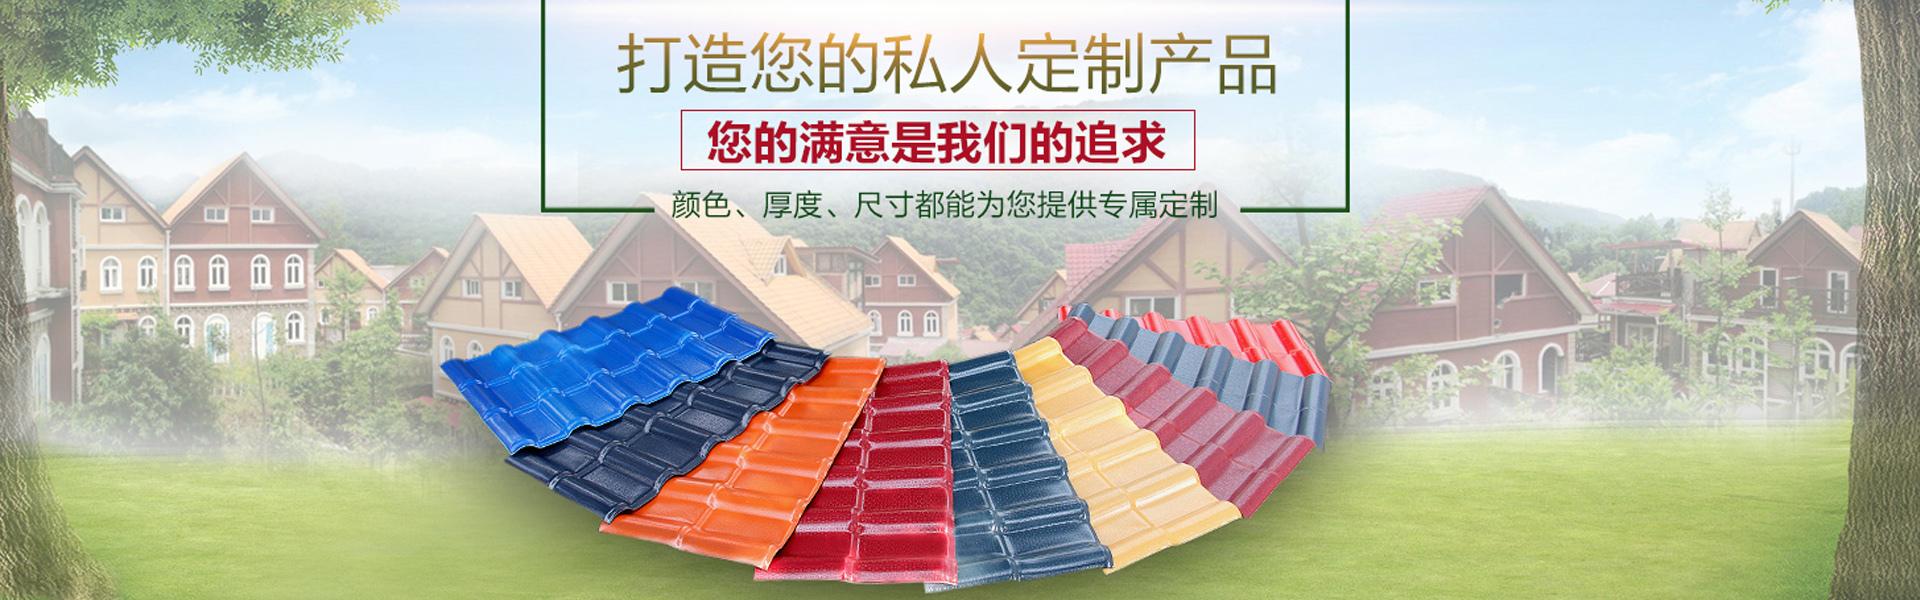 辽宁树脂瓦厂家 辽宁树脂瓦批发 葫芦岛树脂瓦批发